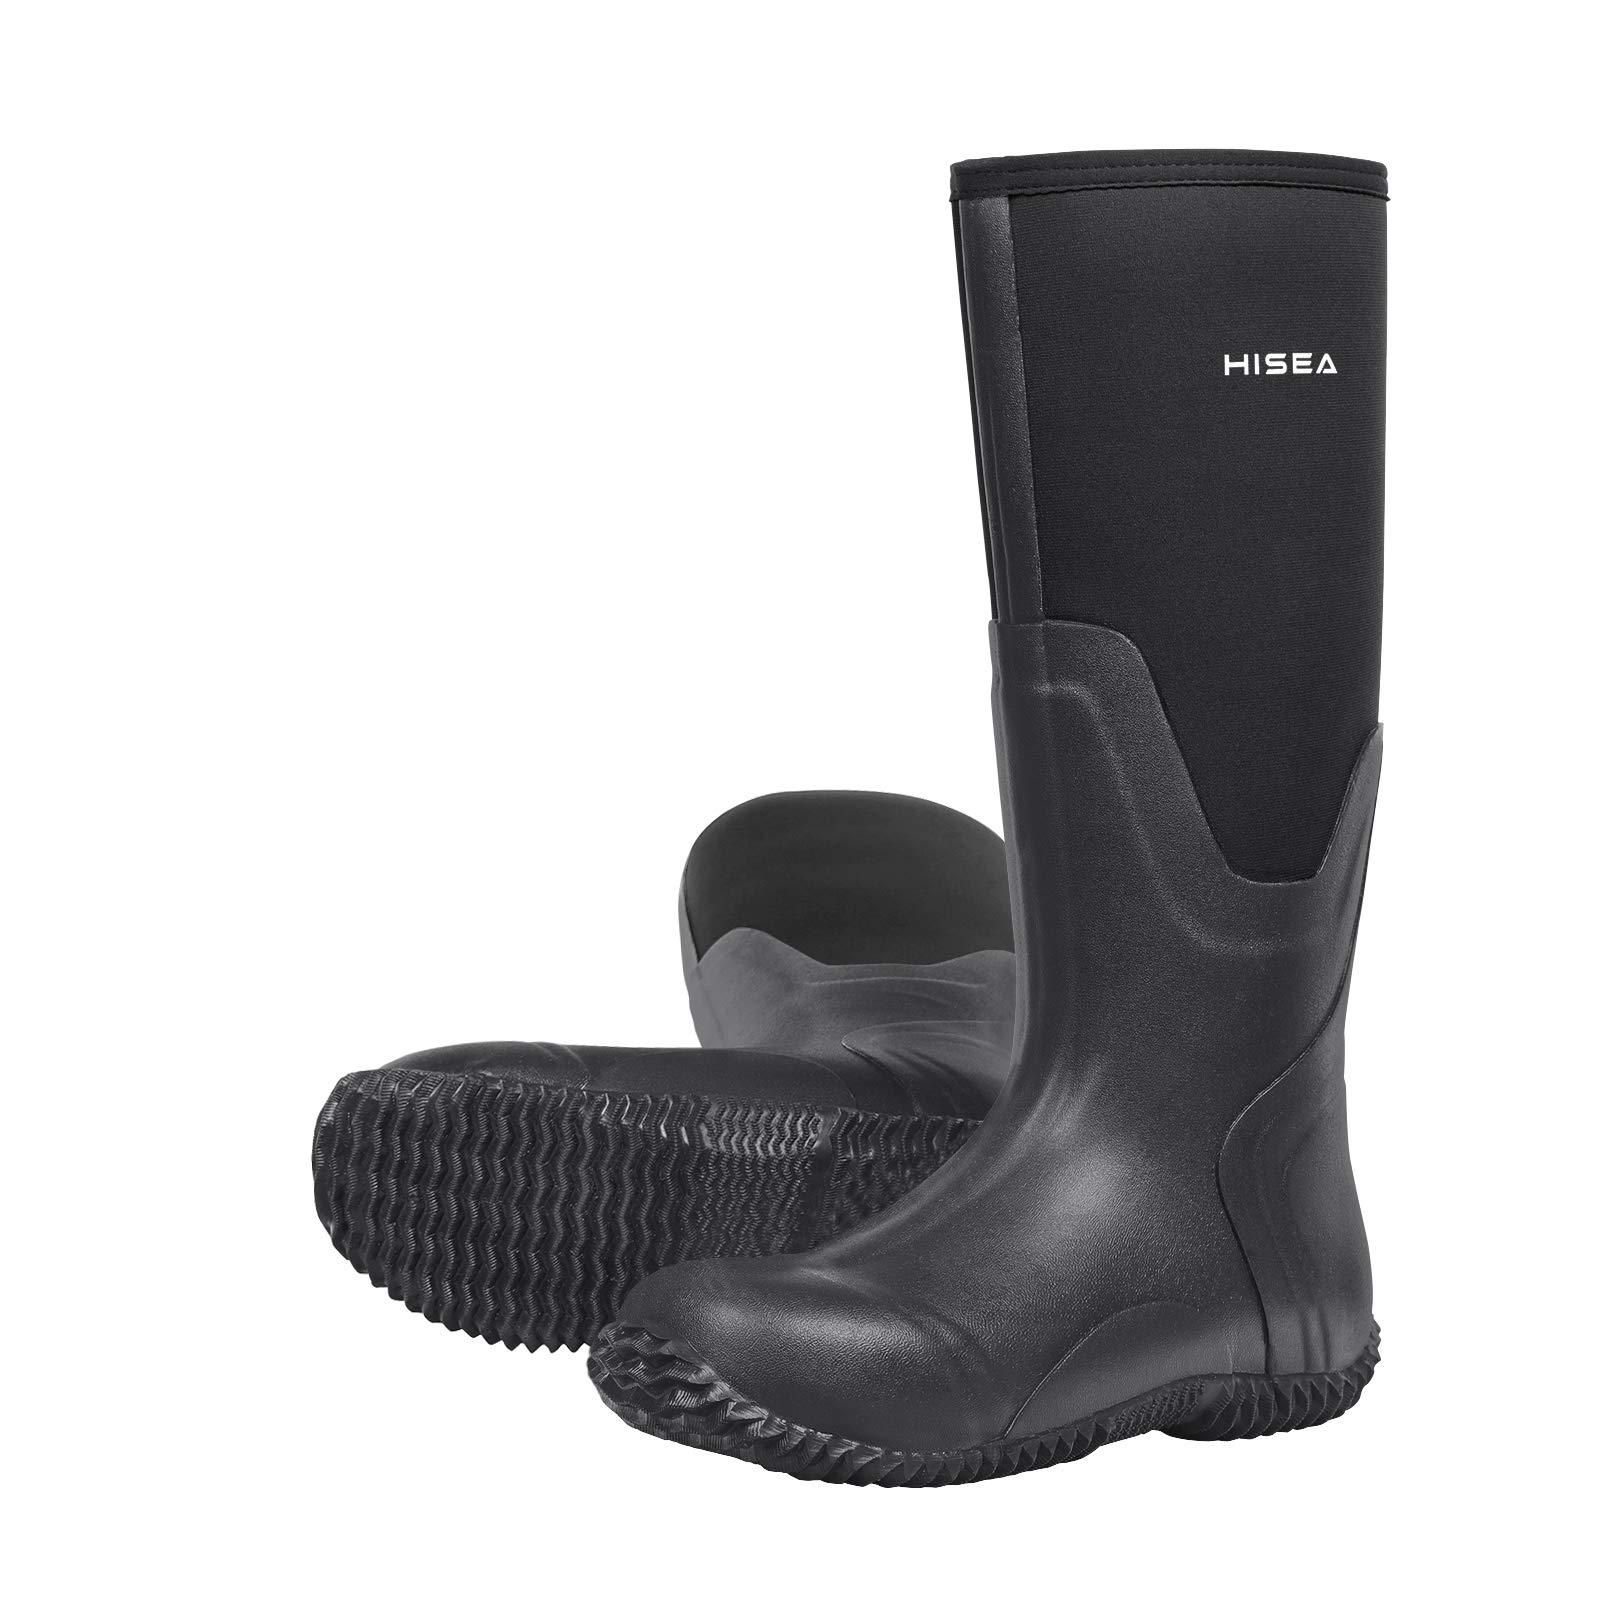 Hisea Men's Rain Boots Waterproof